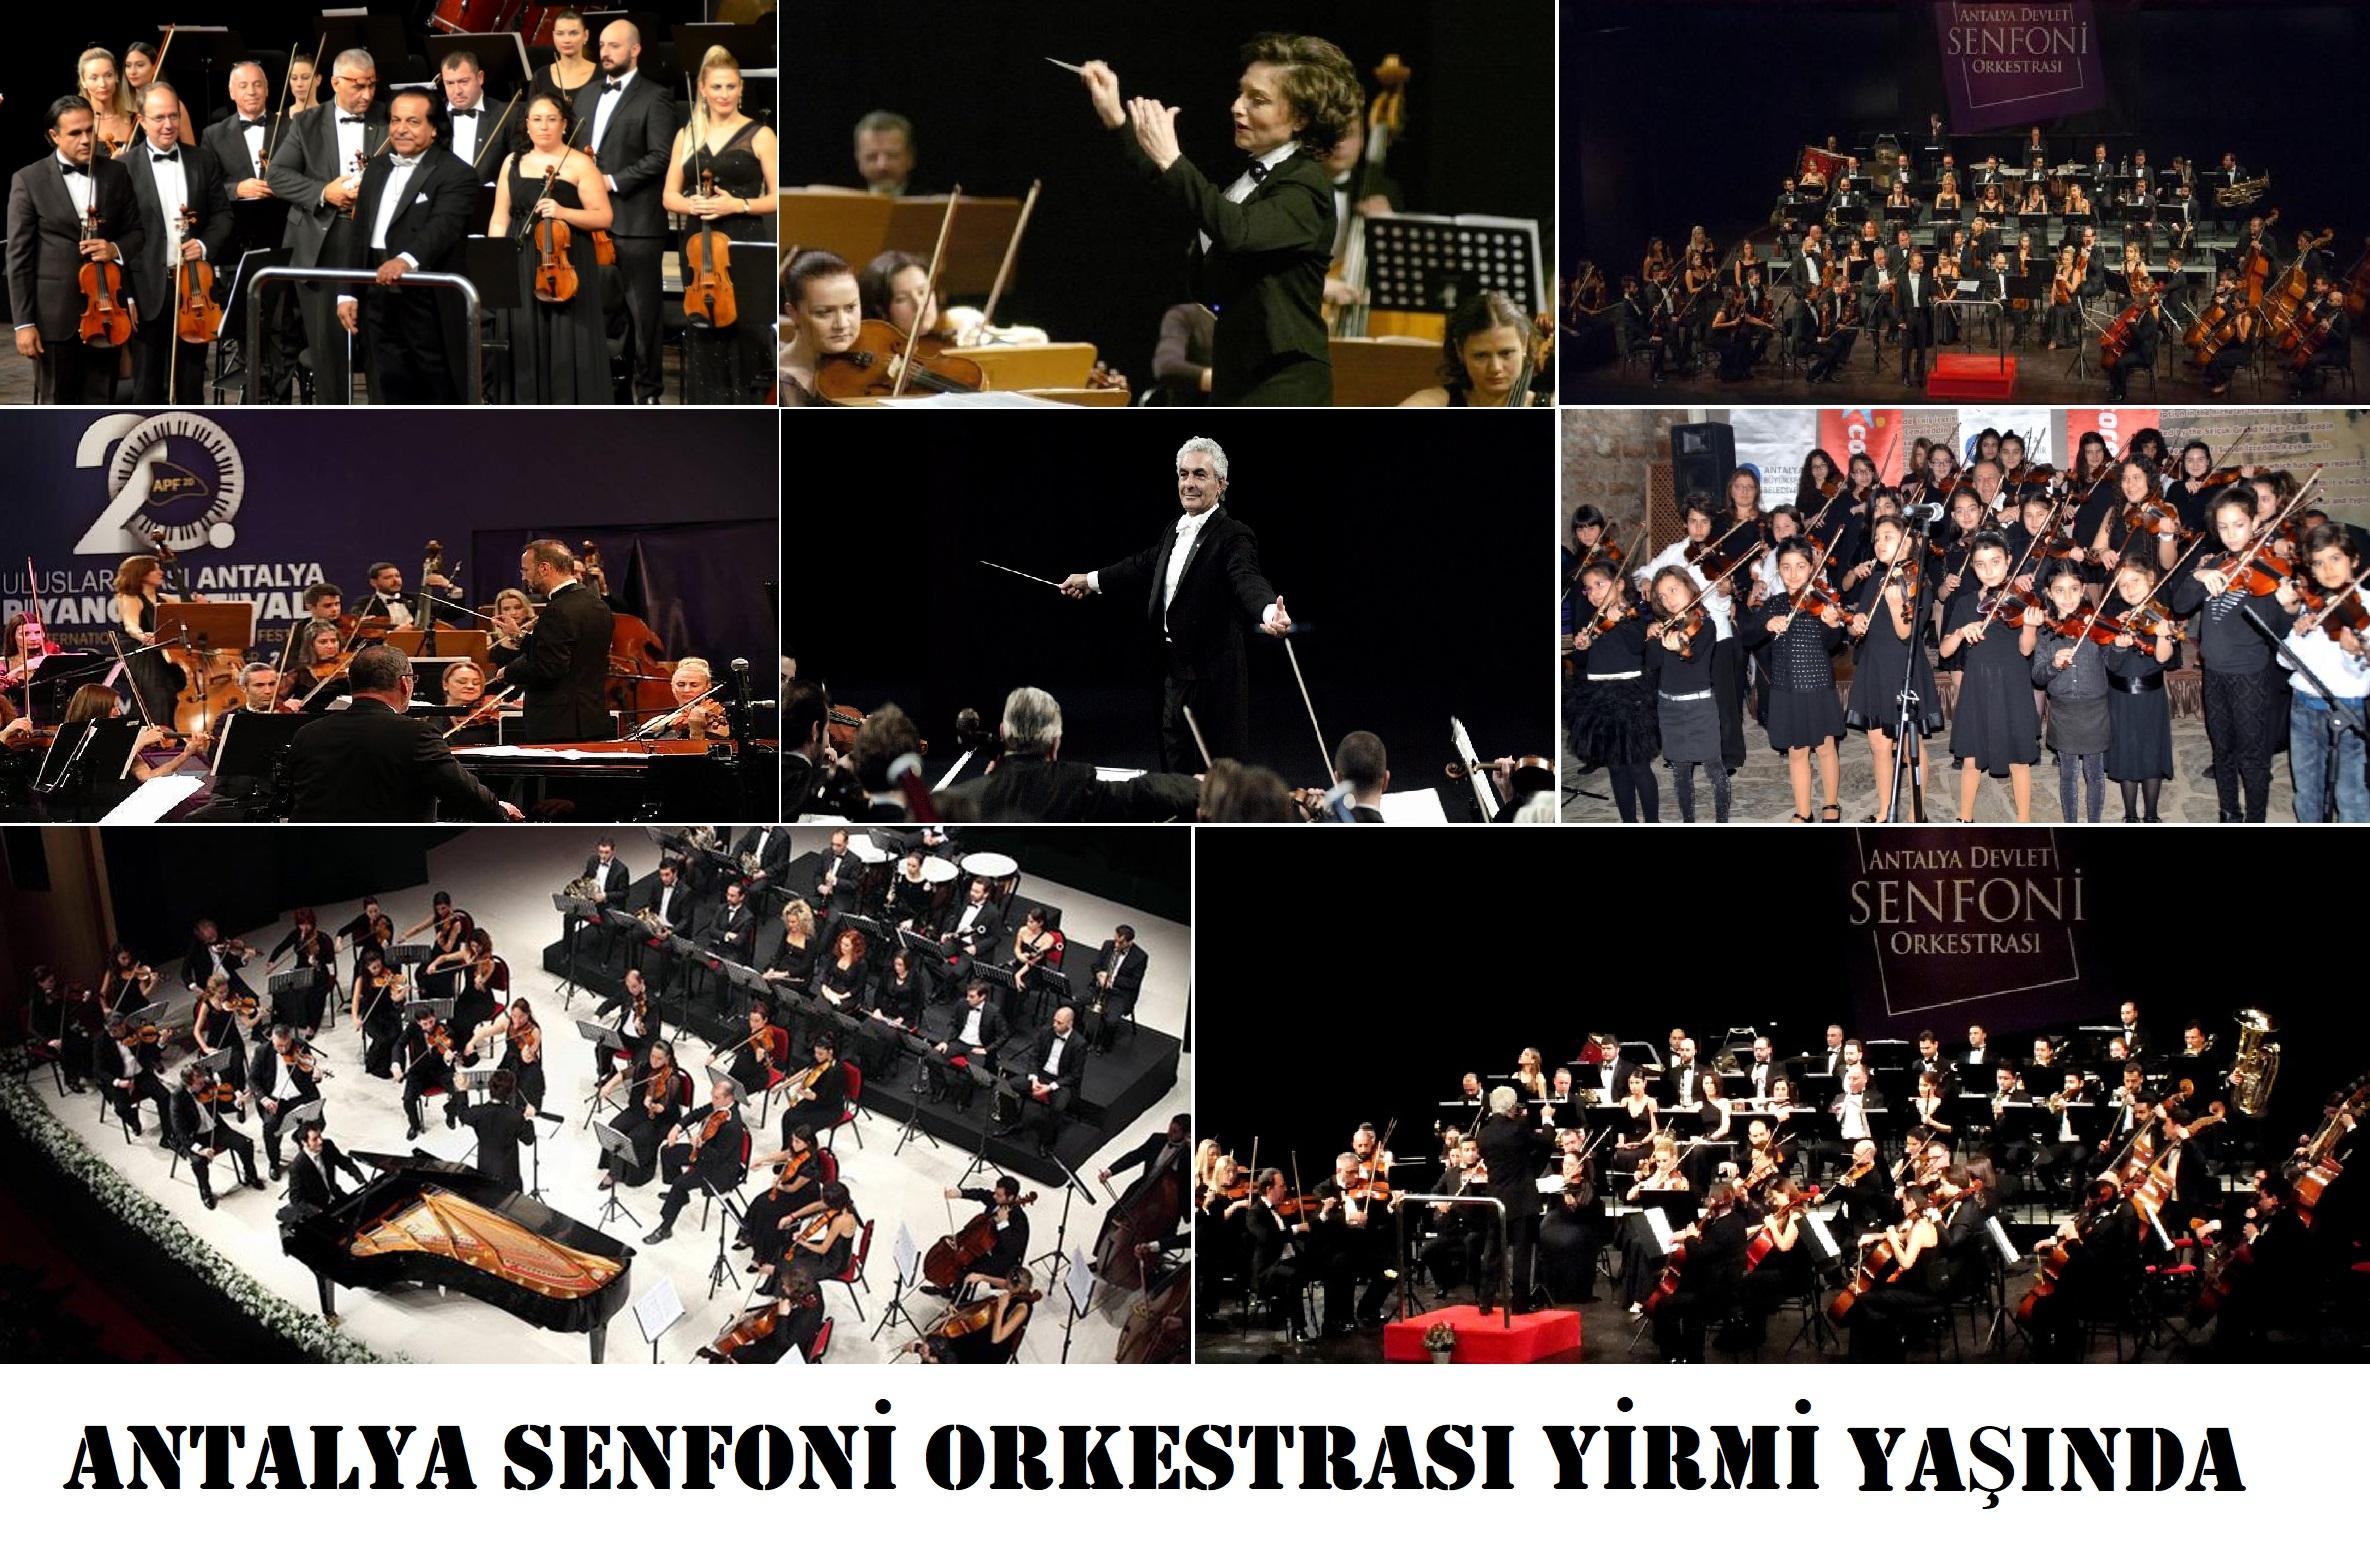 Antalya Devlet Senfoni Orkestrası Yirmi Yaşında